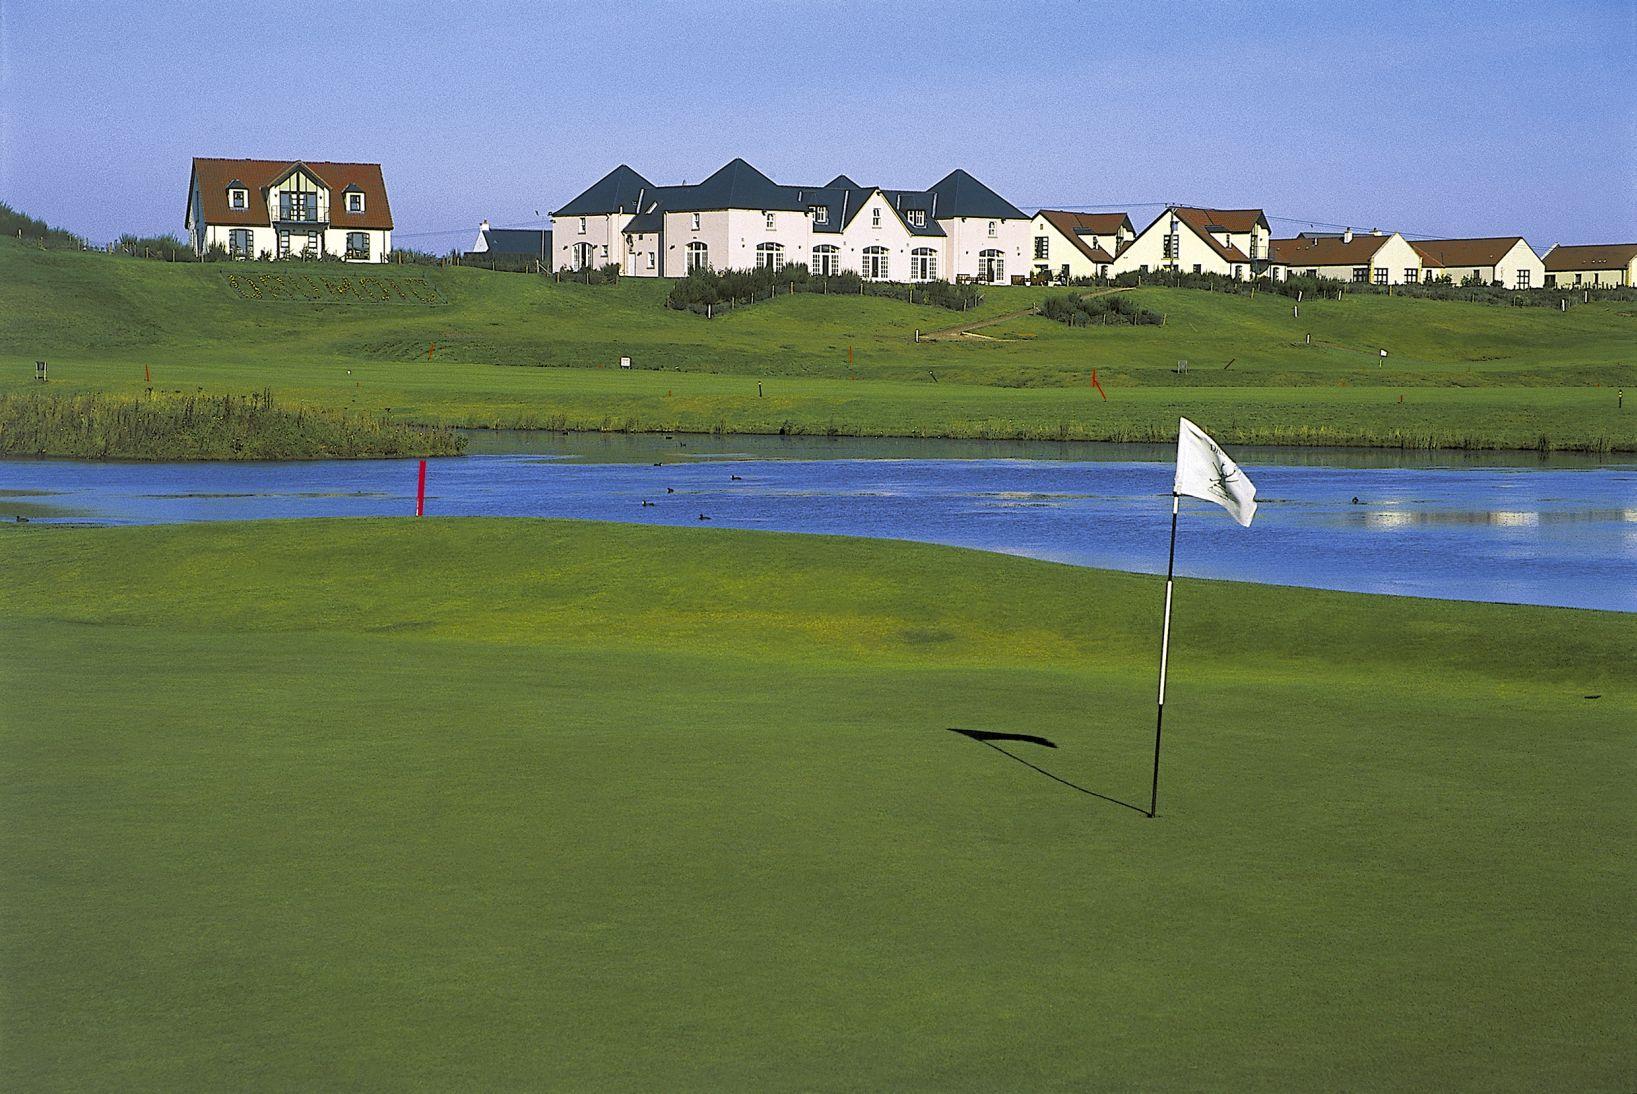 Drumoig Golf Course (est. 1997)